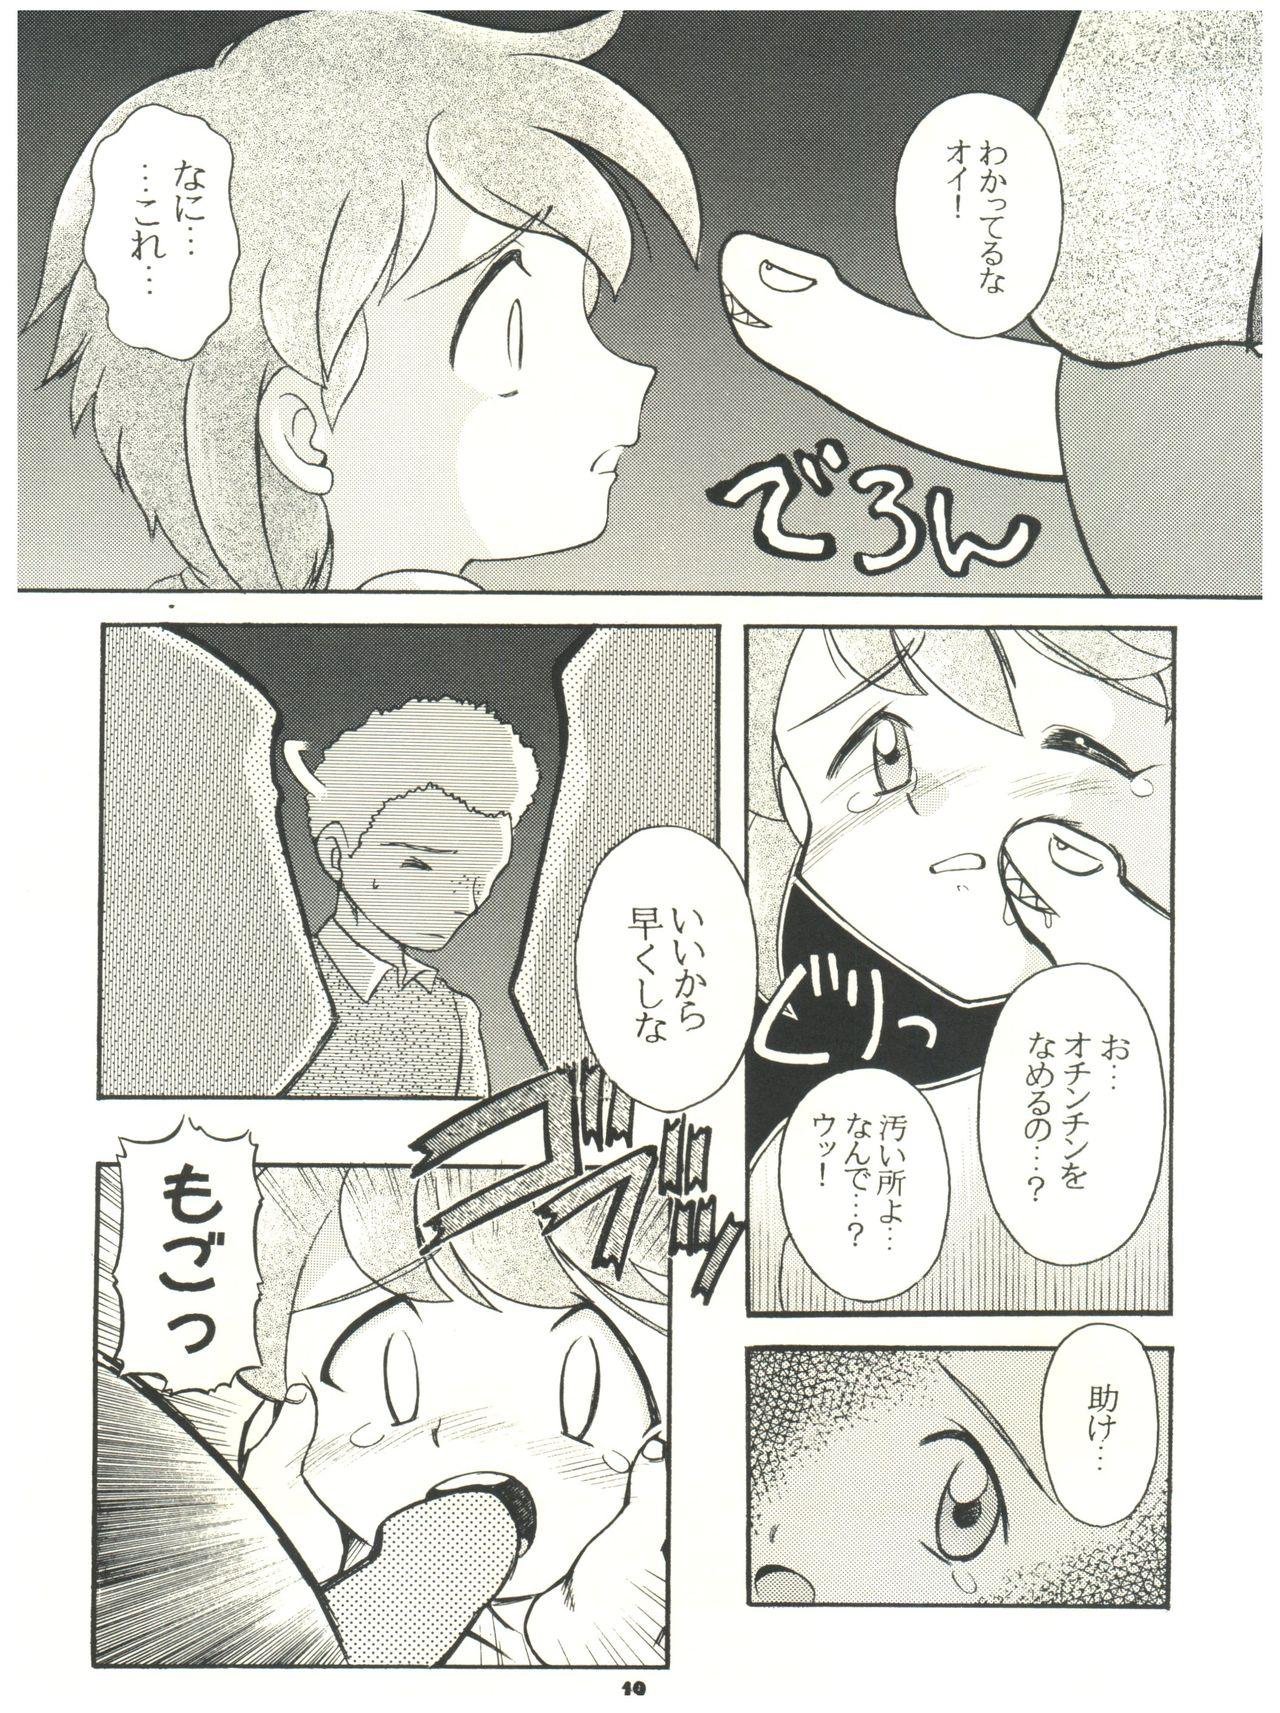 [Sairo Publishing (J. Sairo) En-Jack 2 (Various) 18